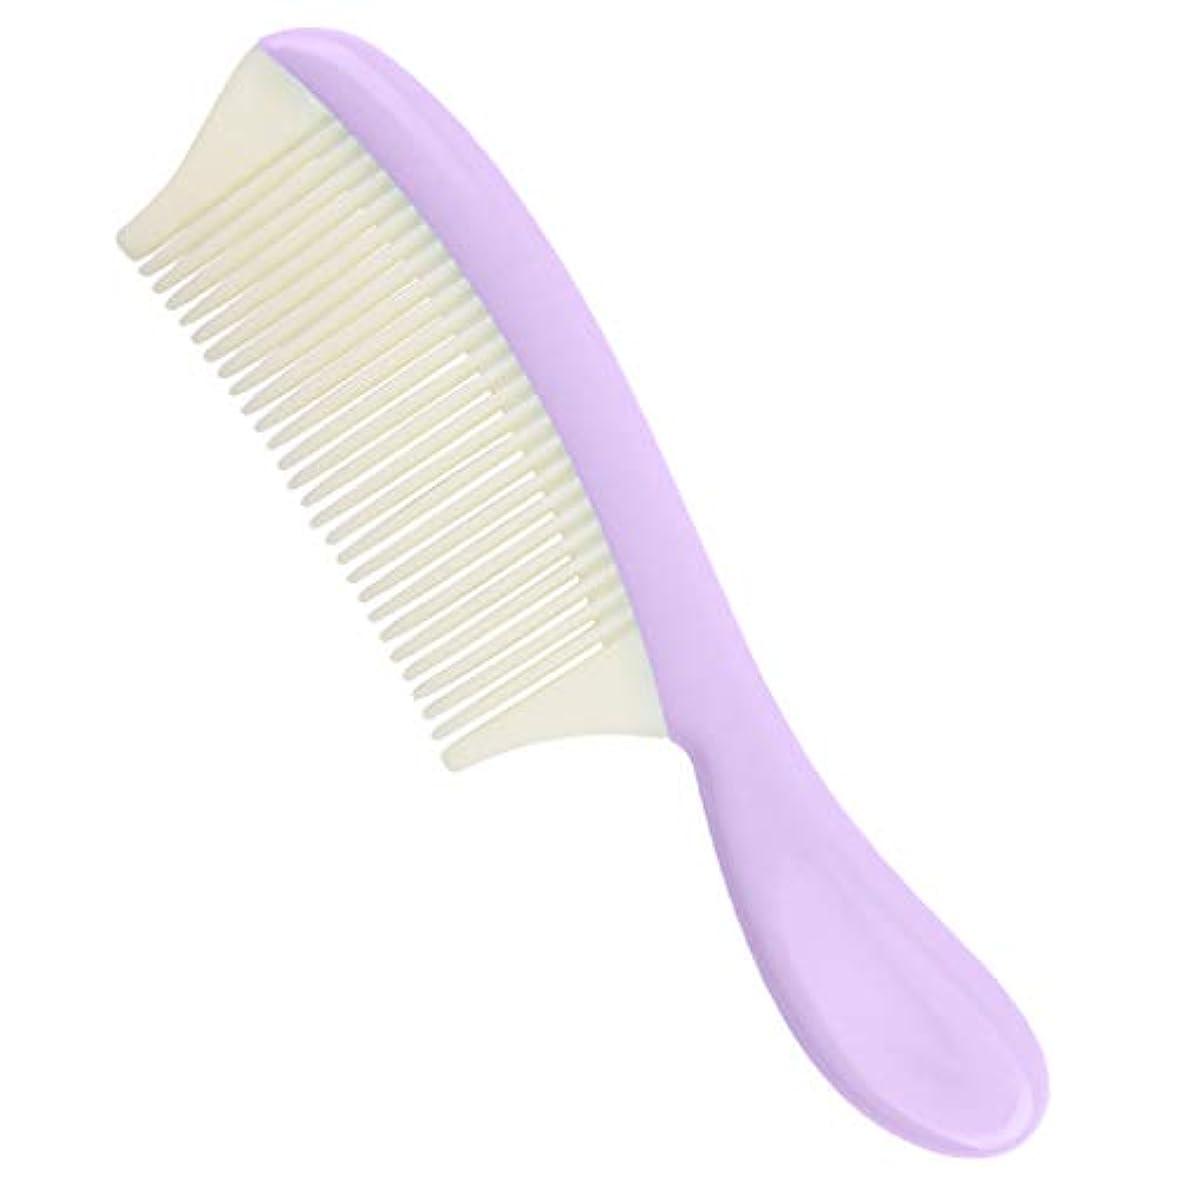 大洪水気付く出くわすプラスチック ヘアコーム 取り外し可能 細かい歯 髪の櫛 全4色 - 紫